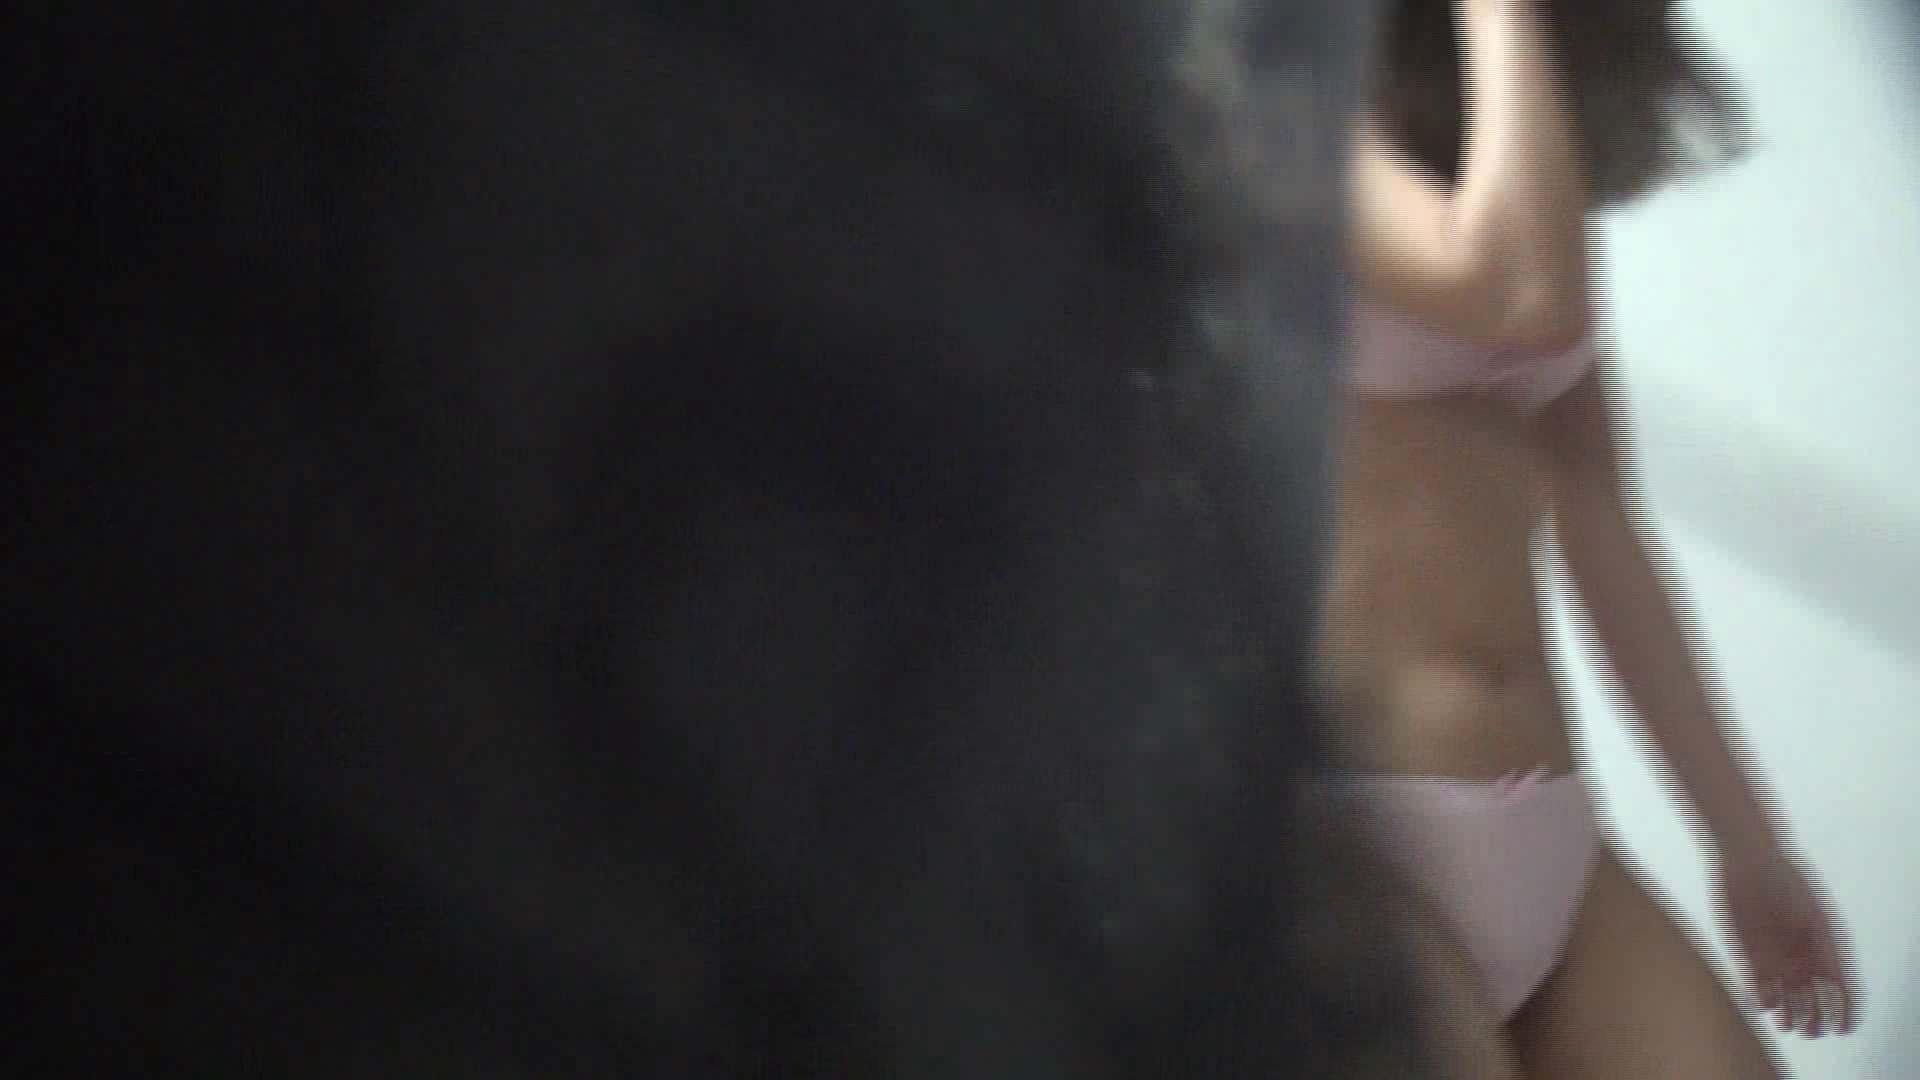 【05】仕事が忙しくて・・・久しぶりにベランダで待ち伏せ マンコ特集 | 盗撮エロすぎ  84連発 11